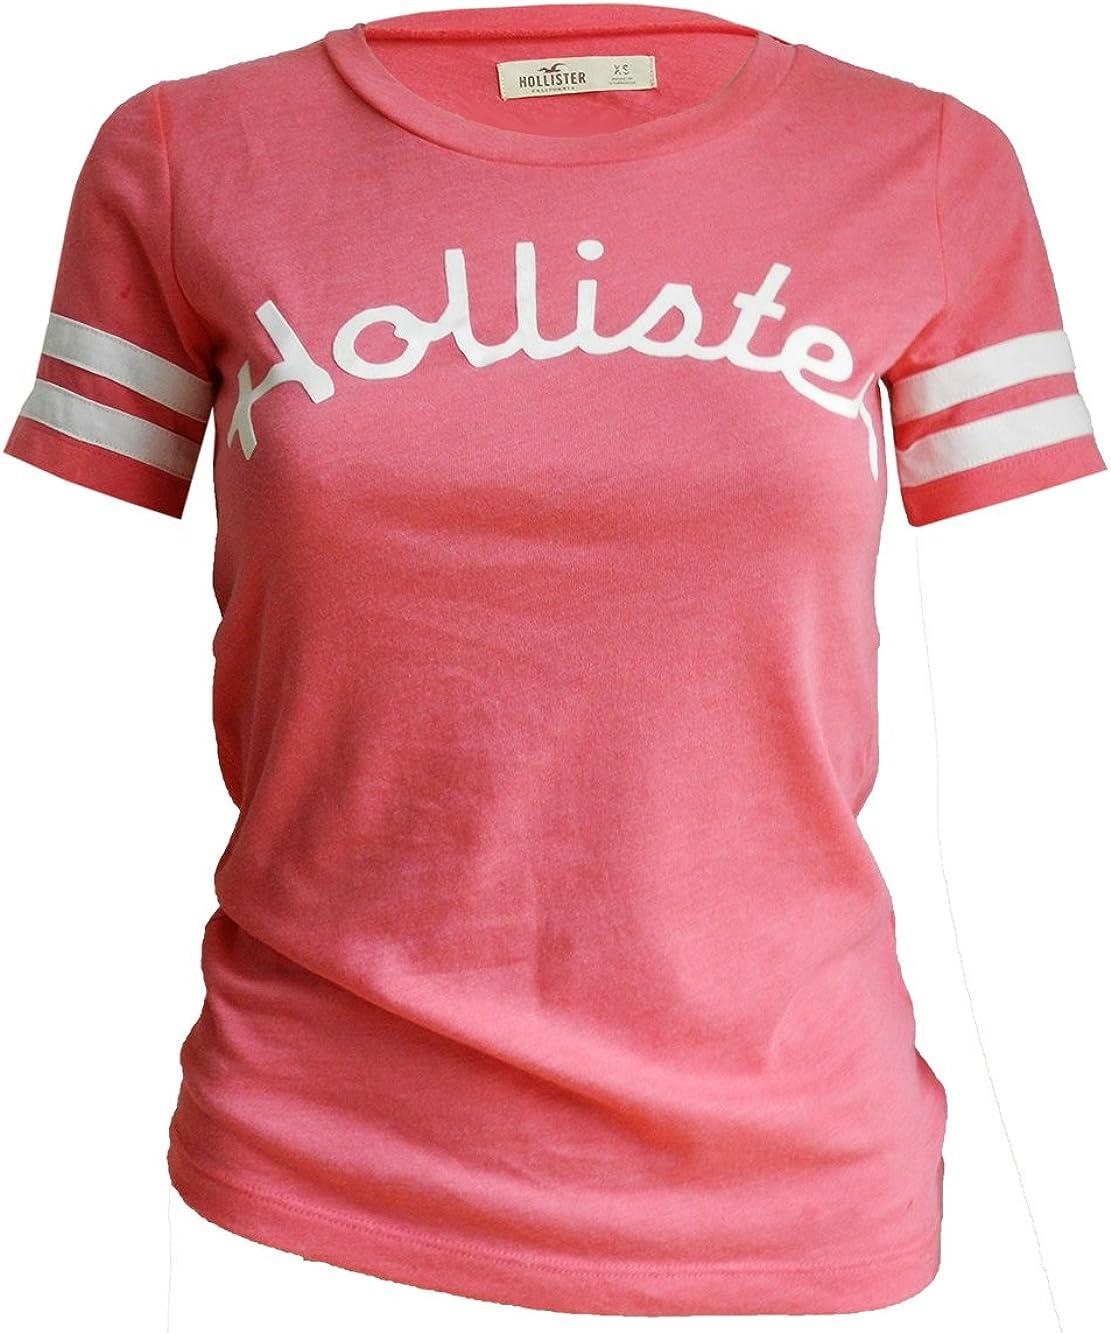 Hollister - Camiseta - para mujer Rosa rosa 38: Amazon.es: Ropa y accesorios